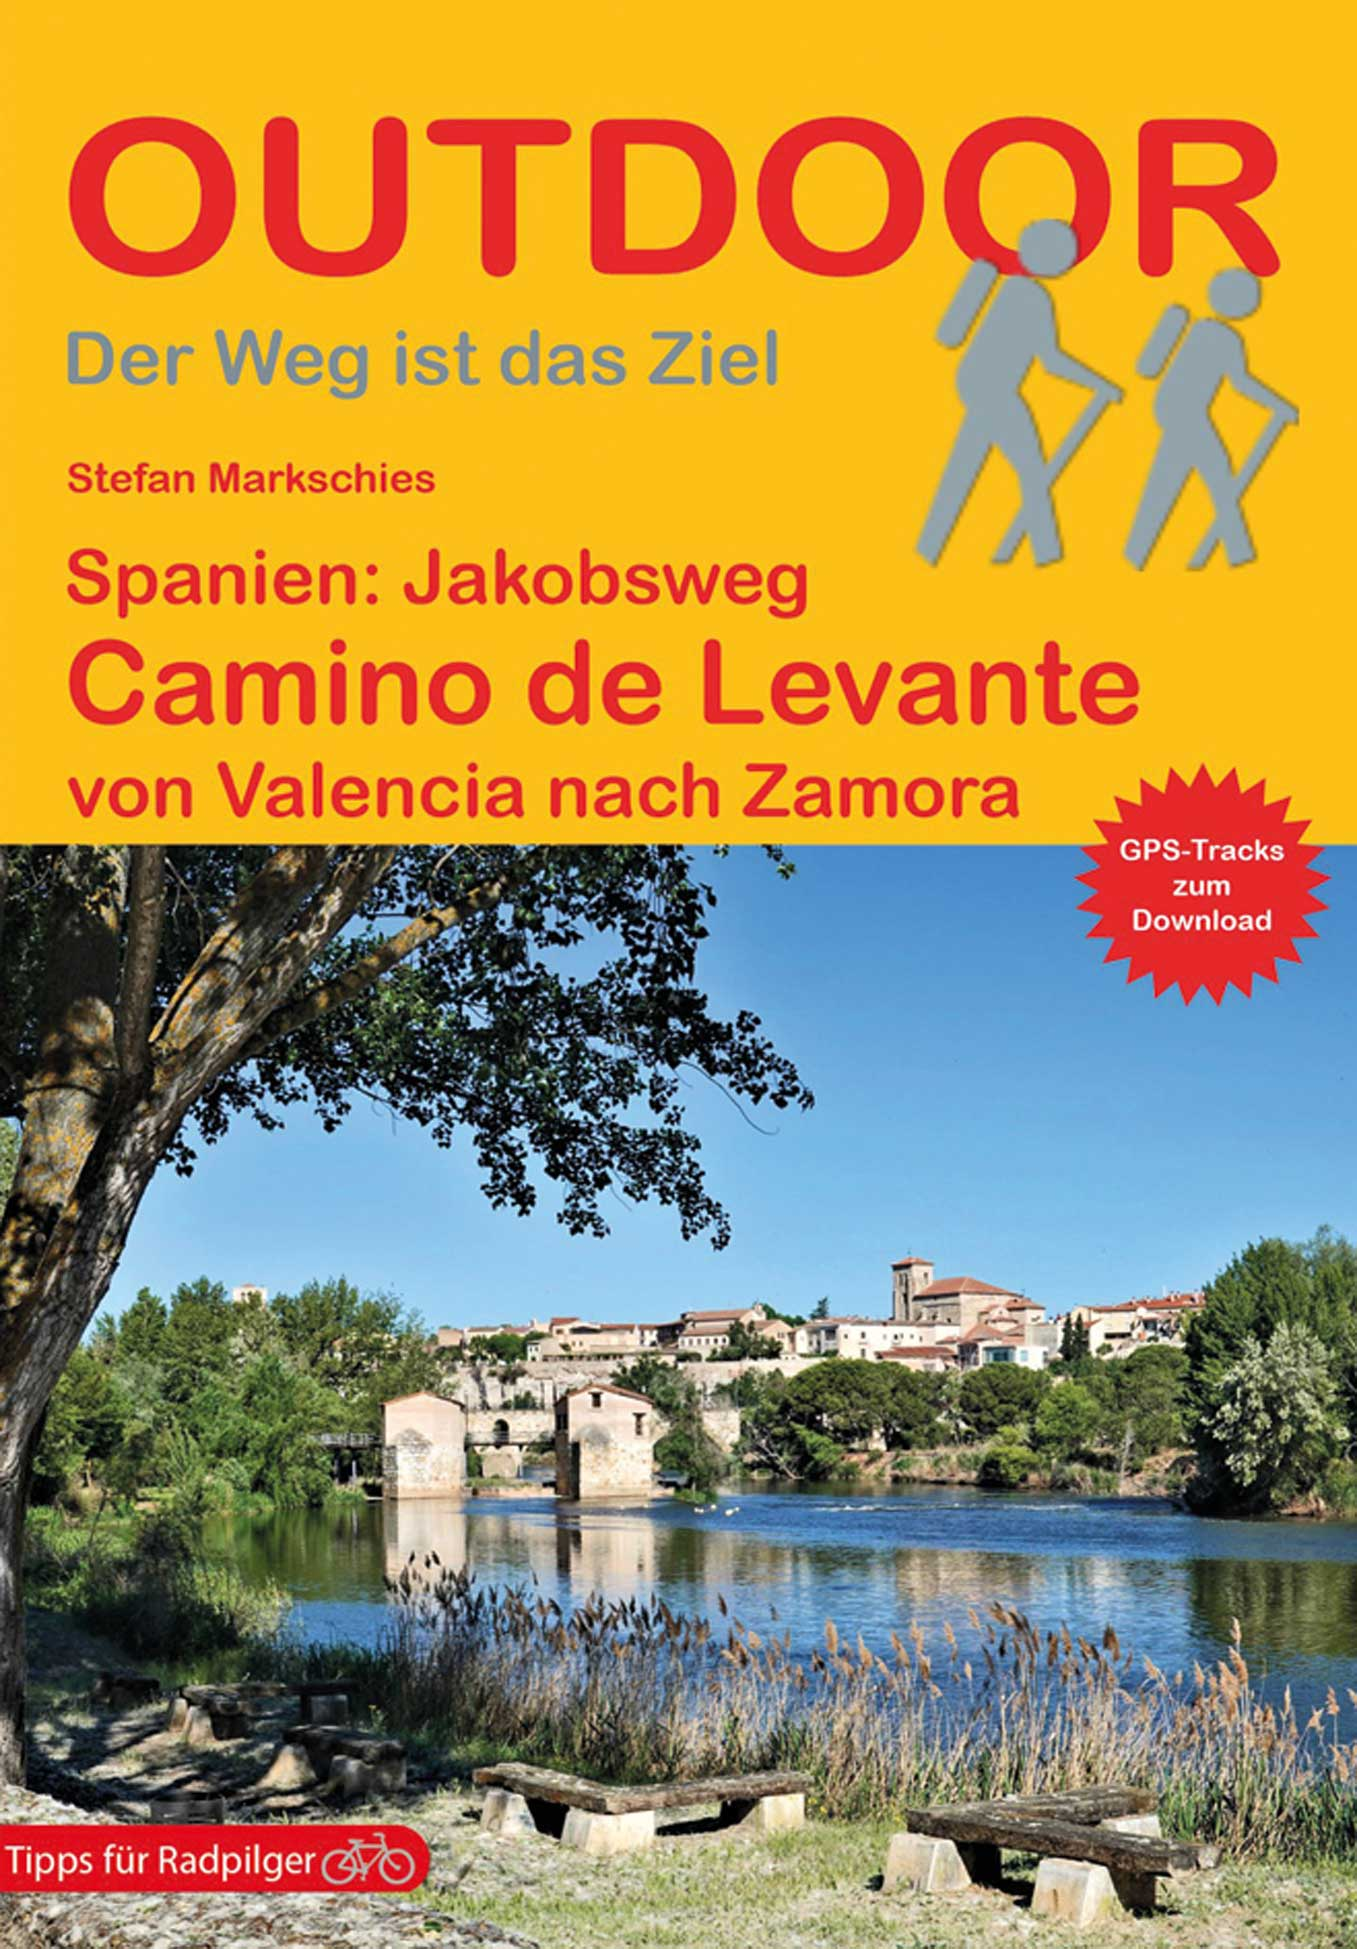 Jakobsweg Camino de Levante | wandelgids Jacobsroute 9783866865938  Conrad Stein Verlag Outdoor - Der Weg ist das Ziel  Fietsgidsen, Santiago de Compostela, Wandelgidsen Spanje